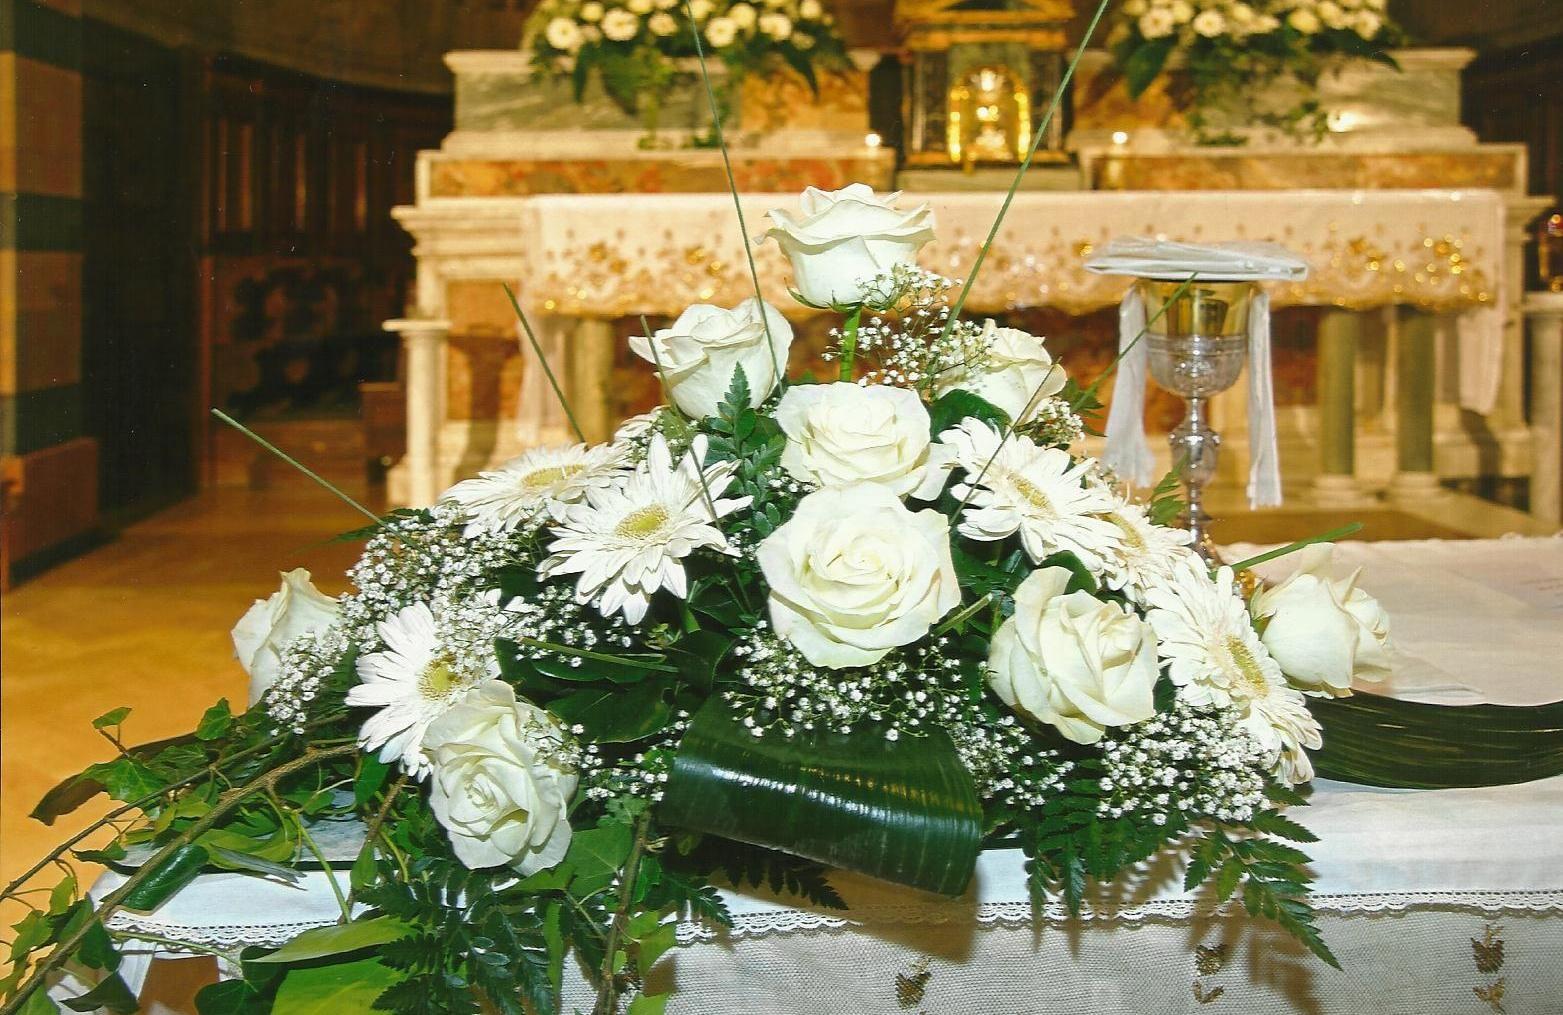 Favorito addobbi floreali per altari gerbere - Cerca con Google GZ16